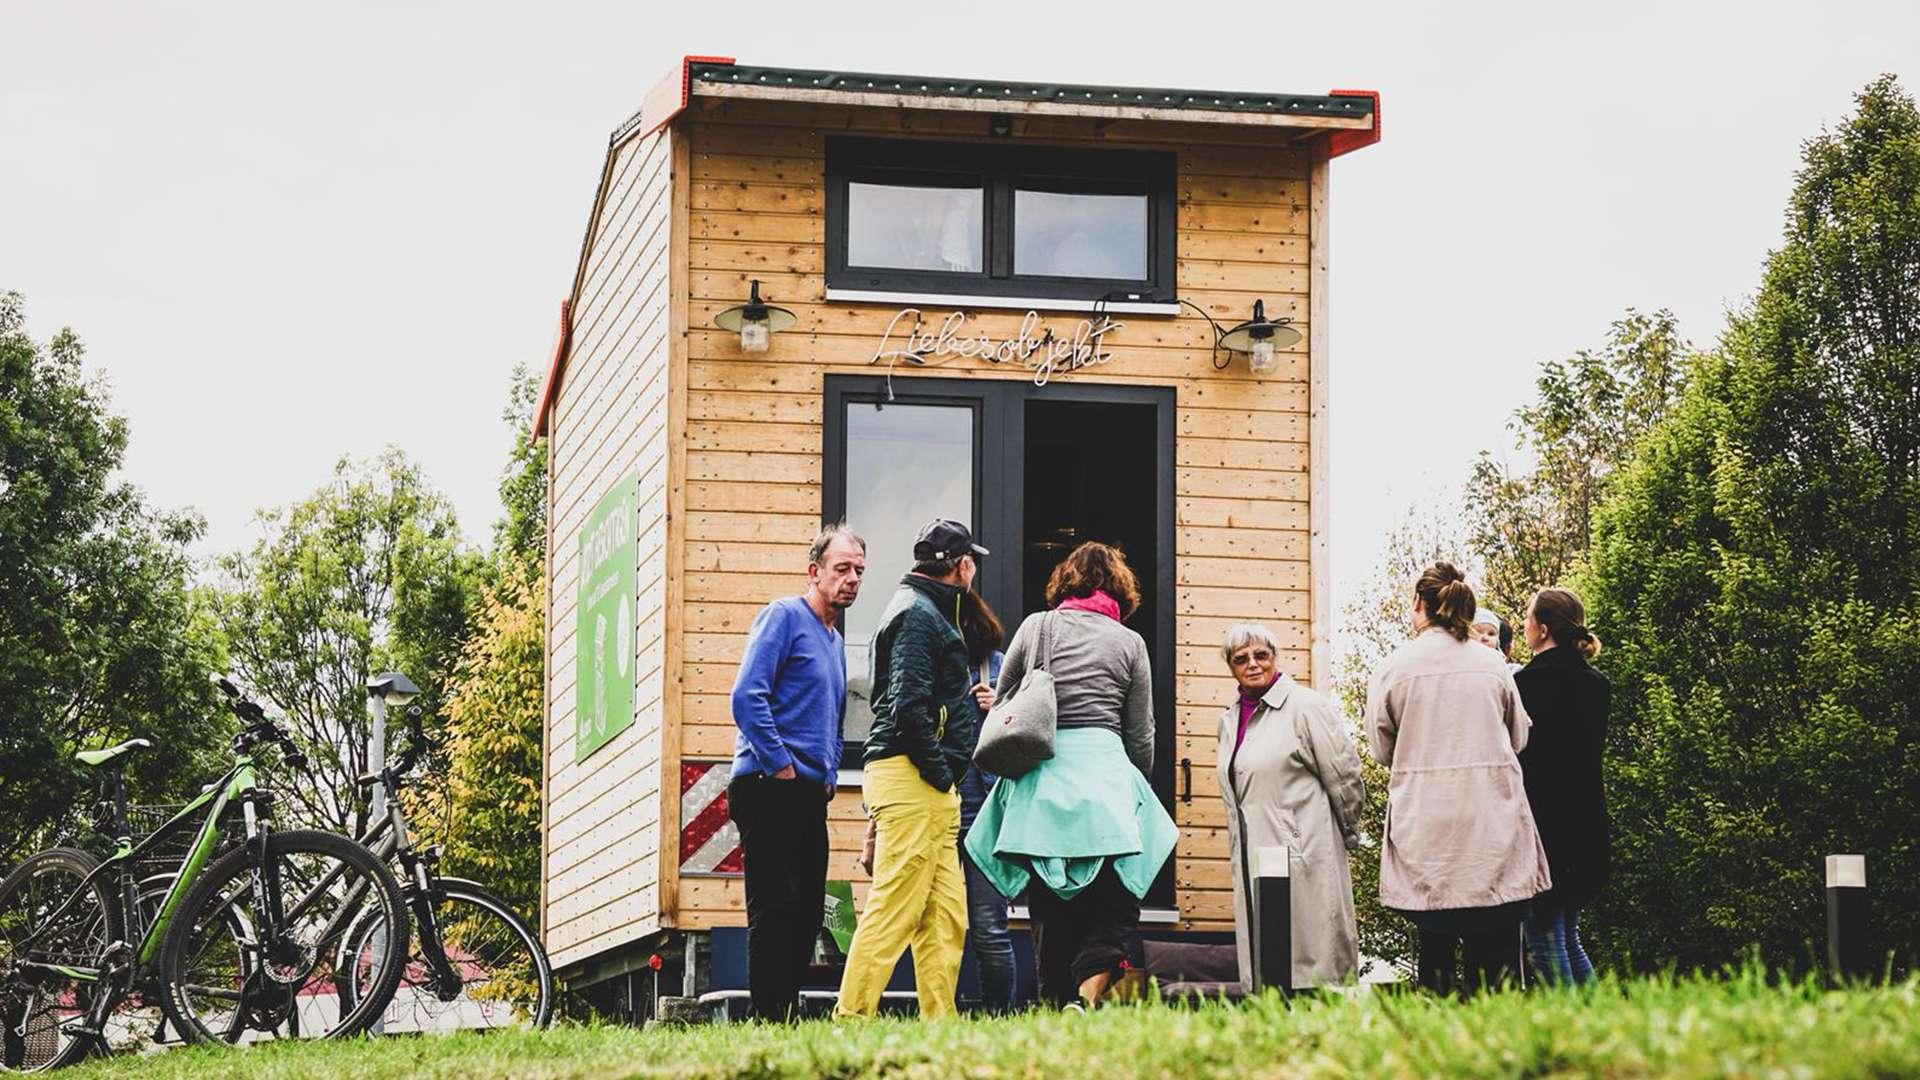 mehrere Personen besichtigen ein Tiny House